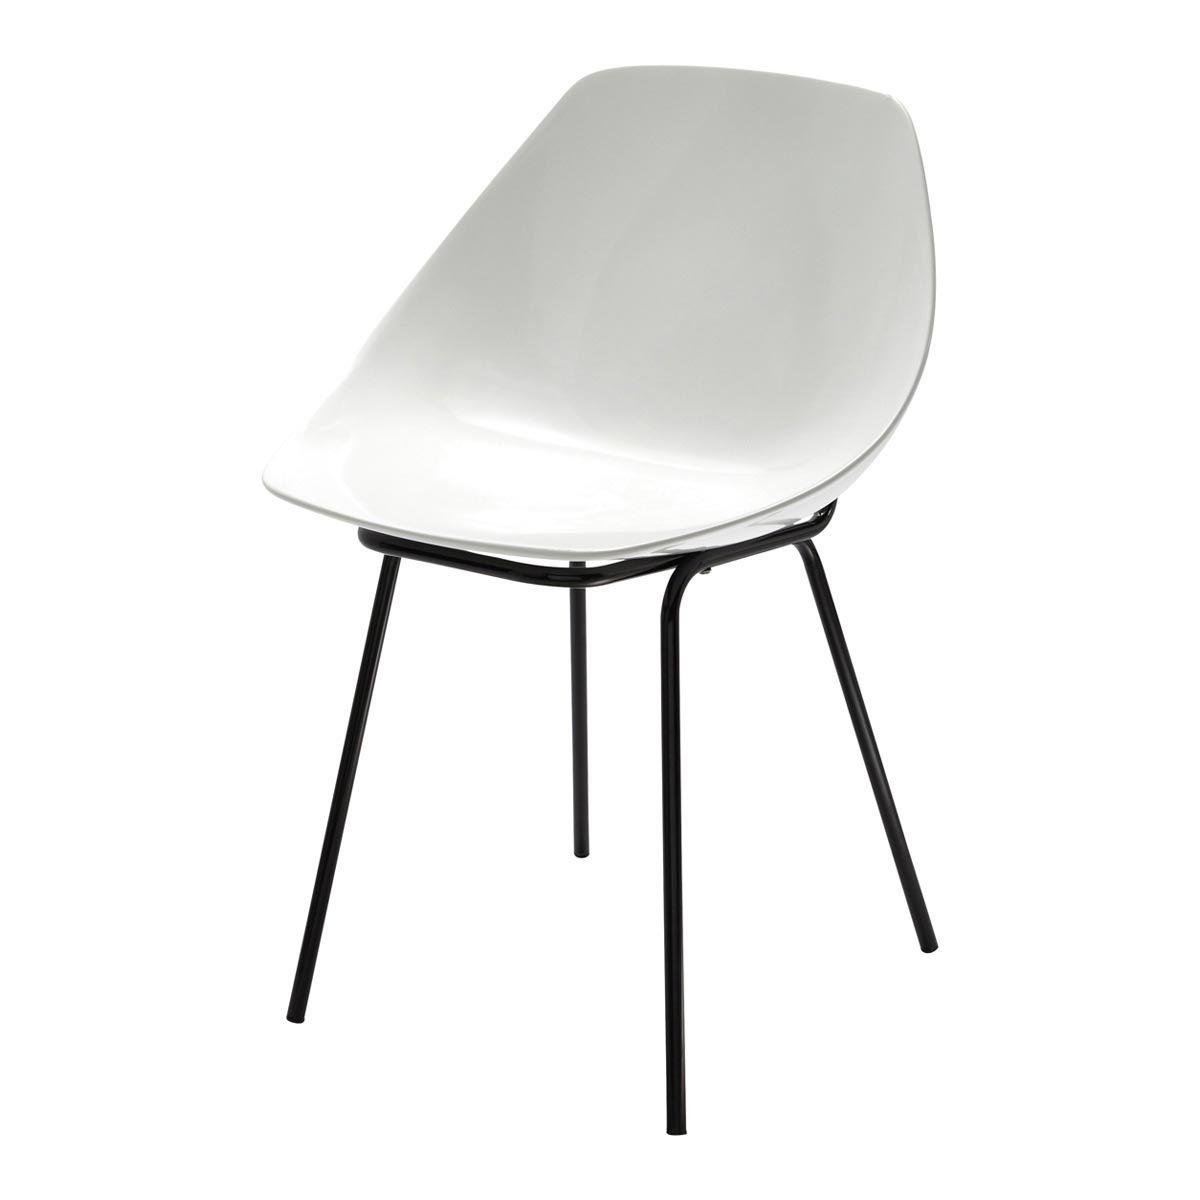 Chaise Guariche En Fibre De Verre Et Metal Blanche Maisons Du Monde Fibre De Verre Chaise Chaises Blanches